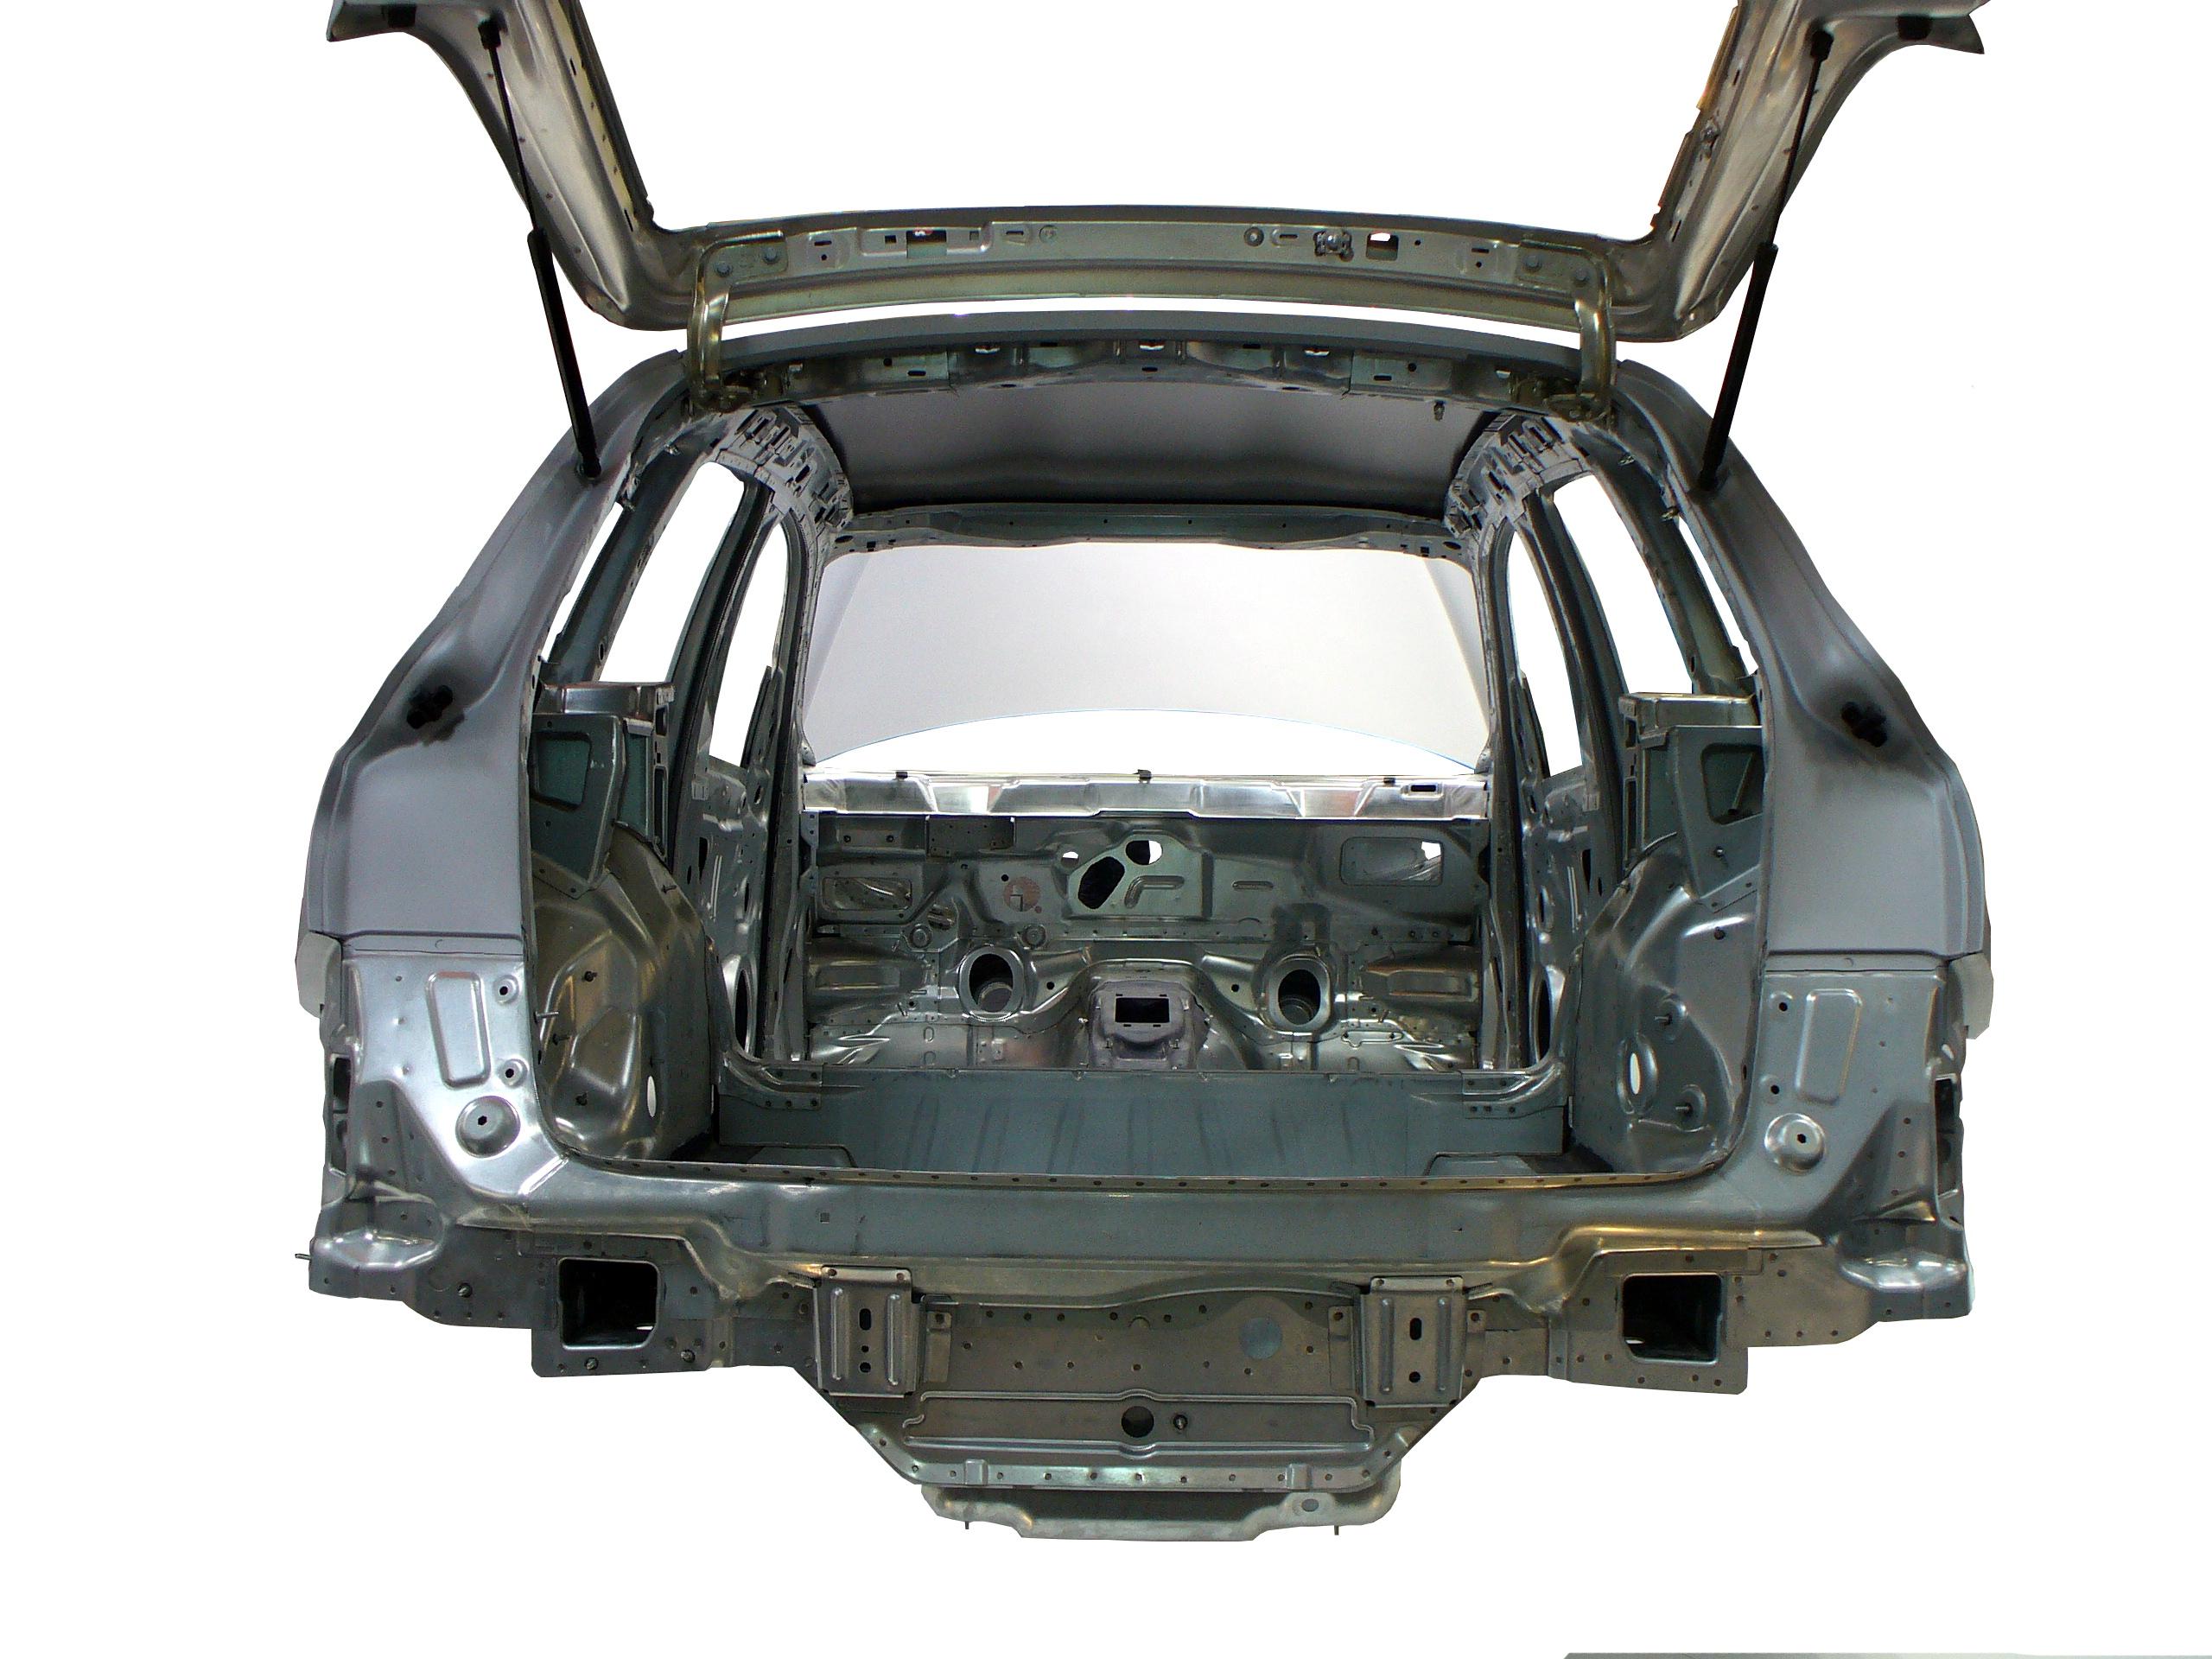 Blick auf die Rohkarosserie des Audi Q5 von hinten in das Fahrzeug